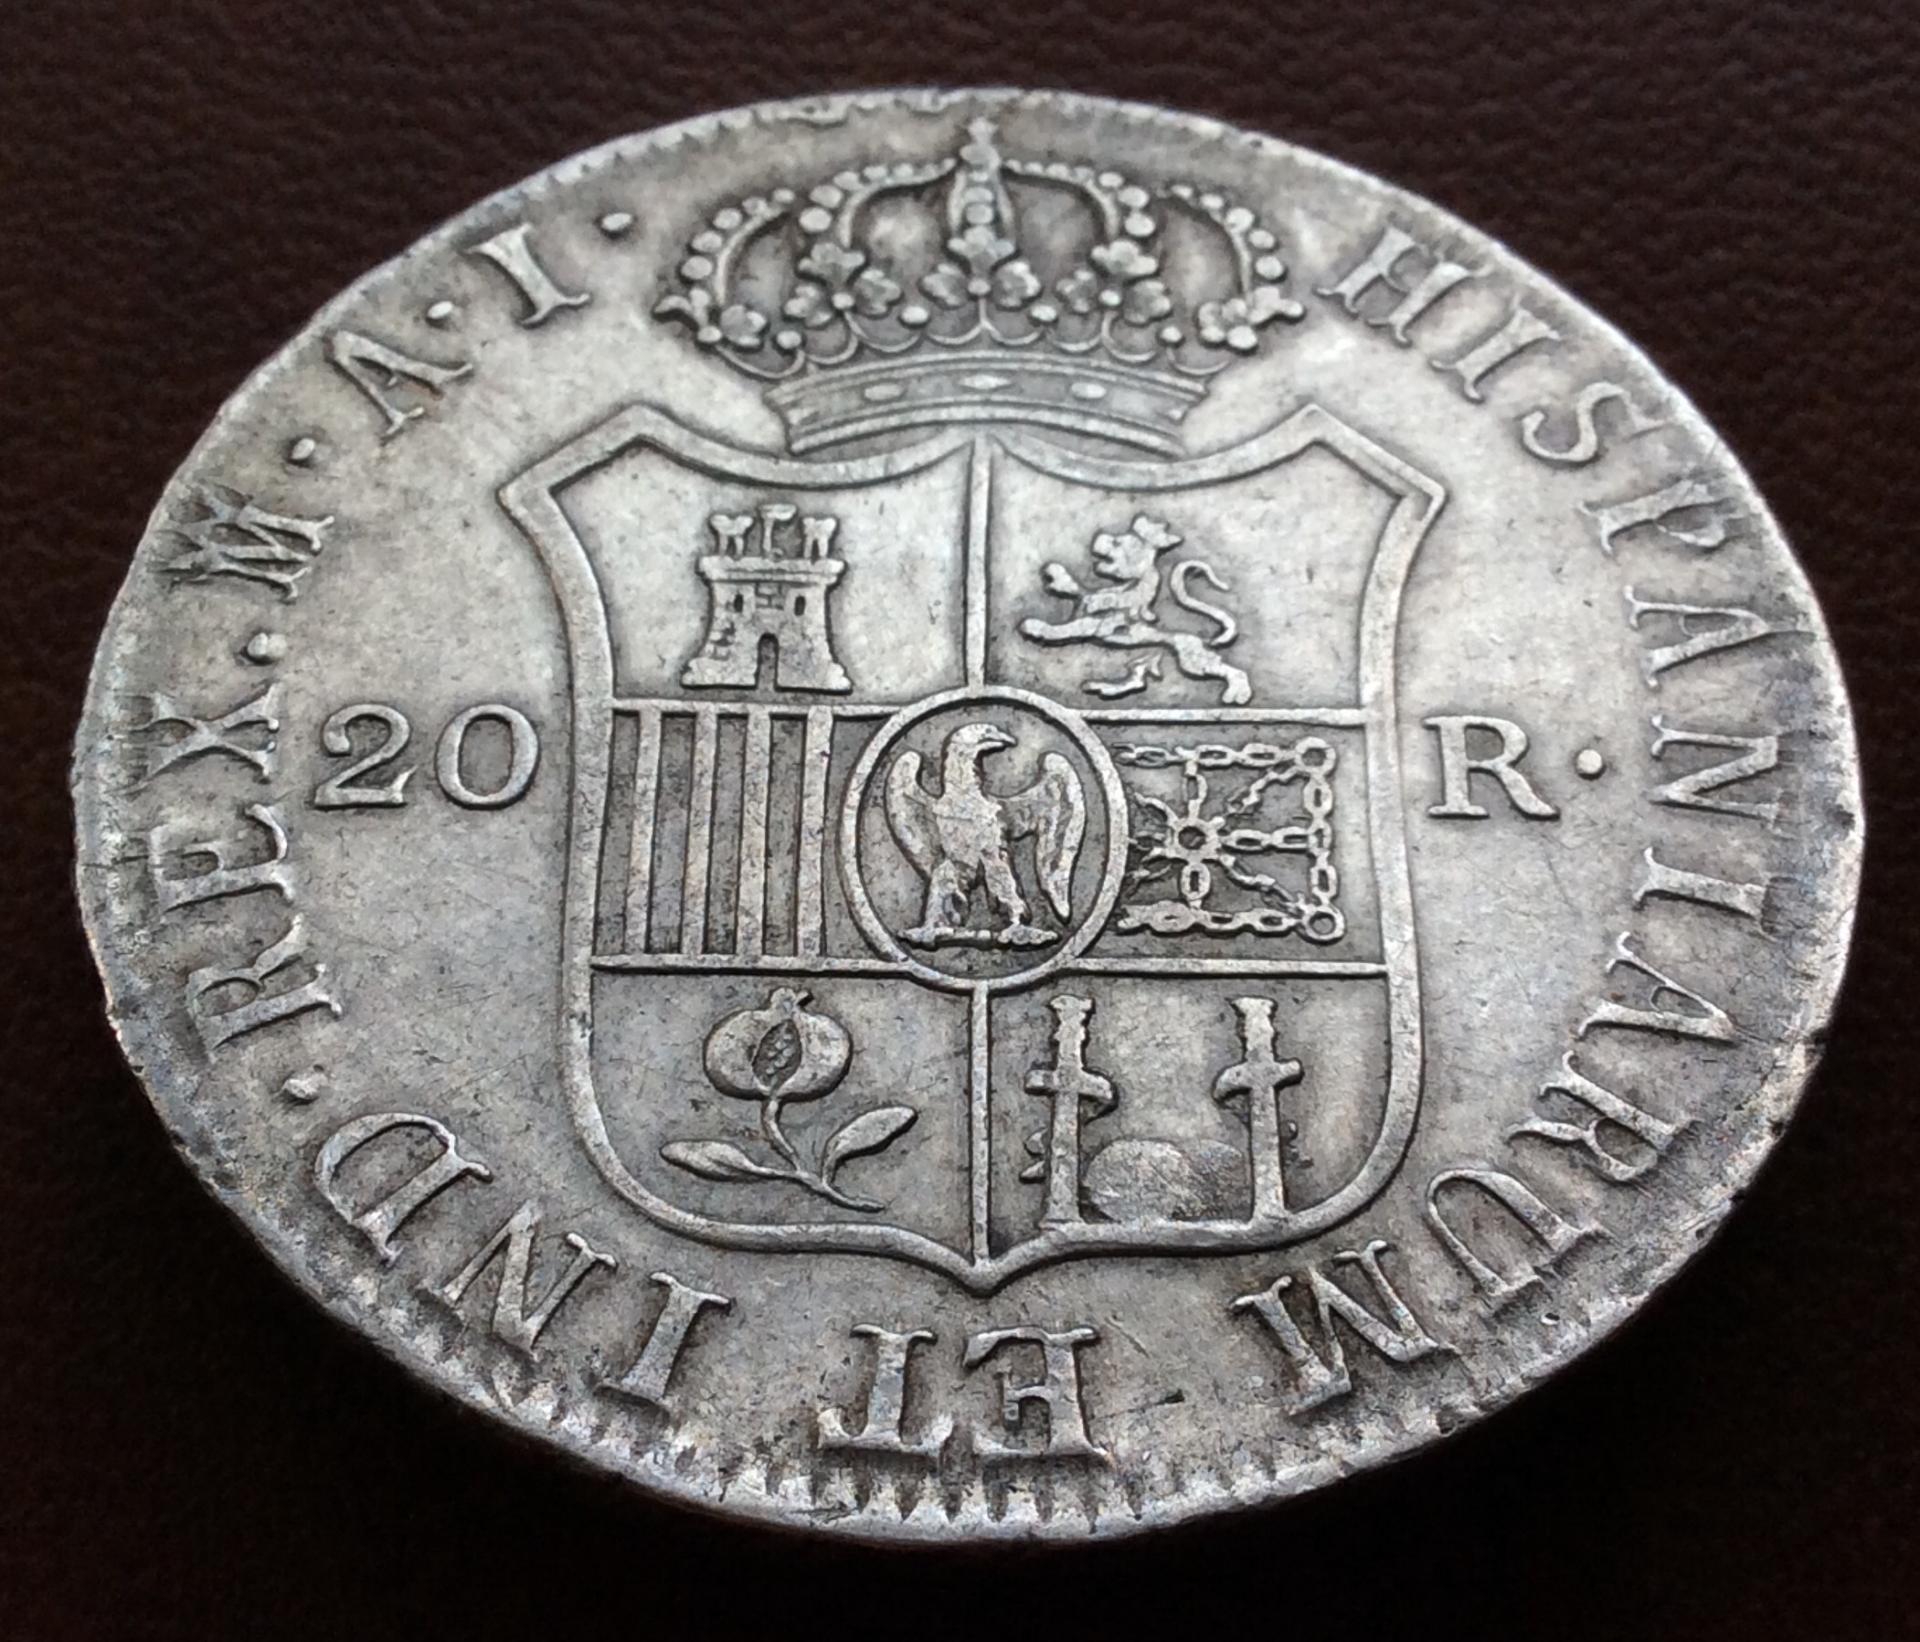 20 REALES PLATA 1810 - JOSÉ I BONAPARTE - OCUPACIÓN NAPOLEONICA - MADRID AI